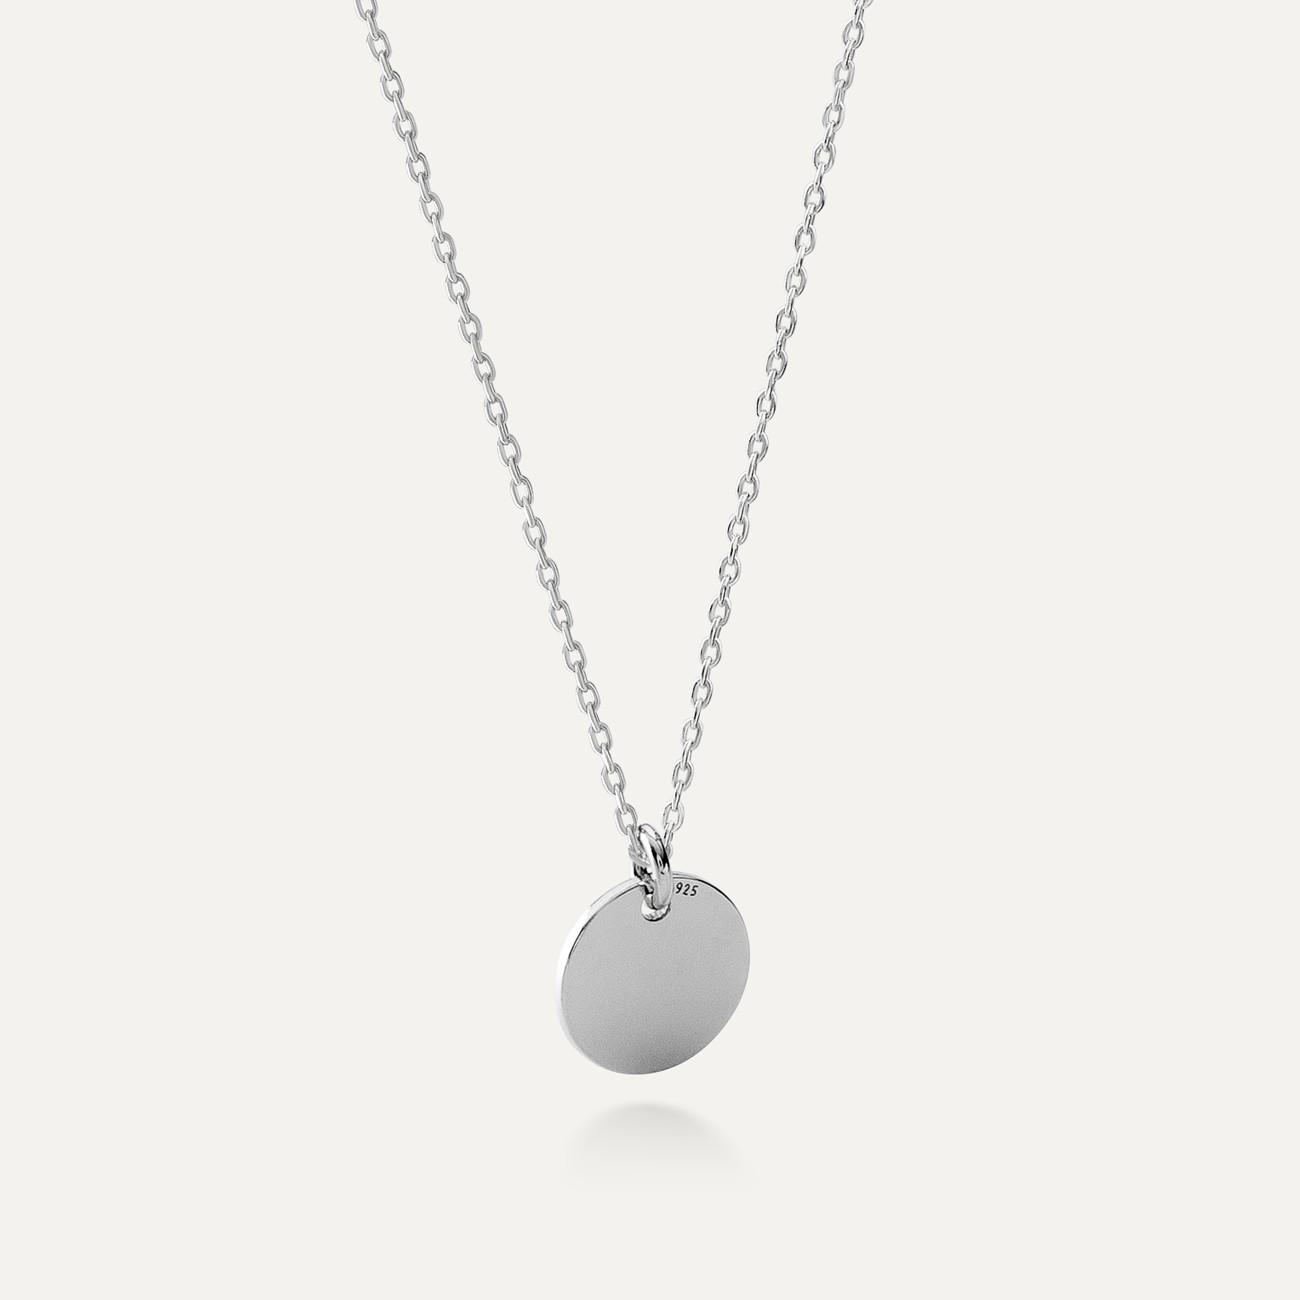 Srebrny naszyjnik celebrytka koło, grawer, AG 925